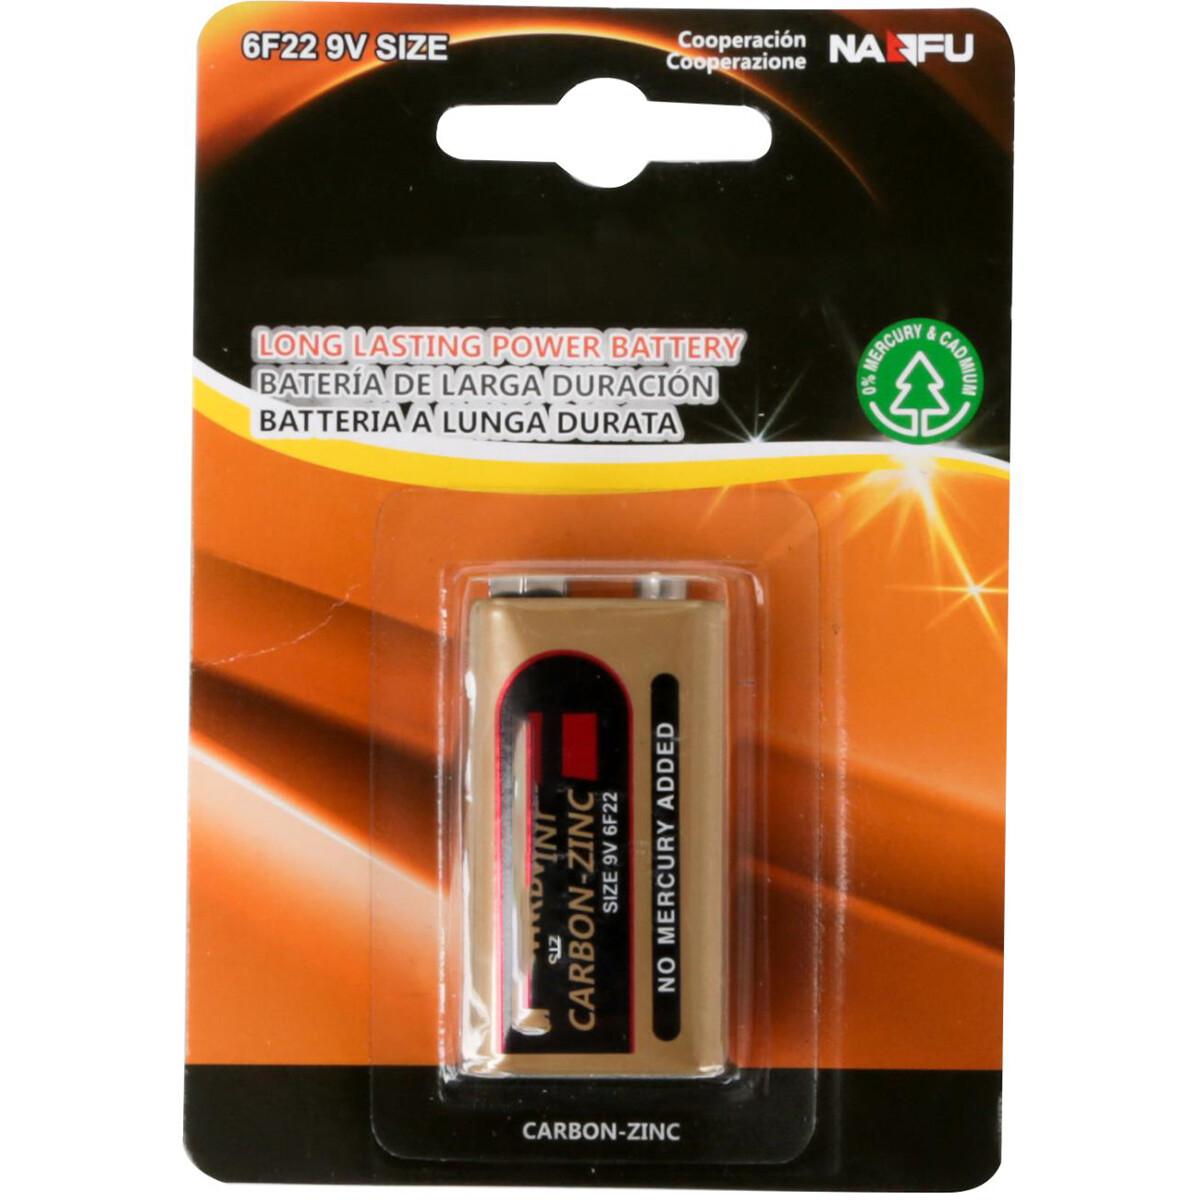 Blokbatterij - Aigi Sewi - 6F22 - 9V - Zinc Carbon Batterijen - 1 Stuk